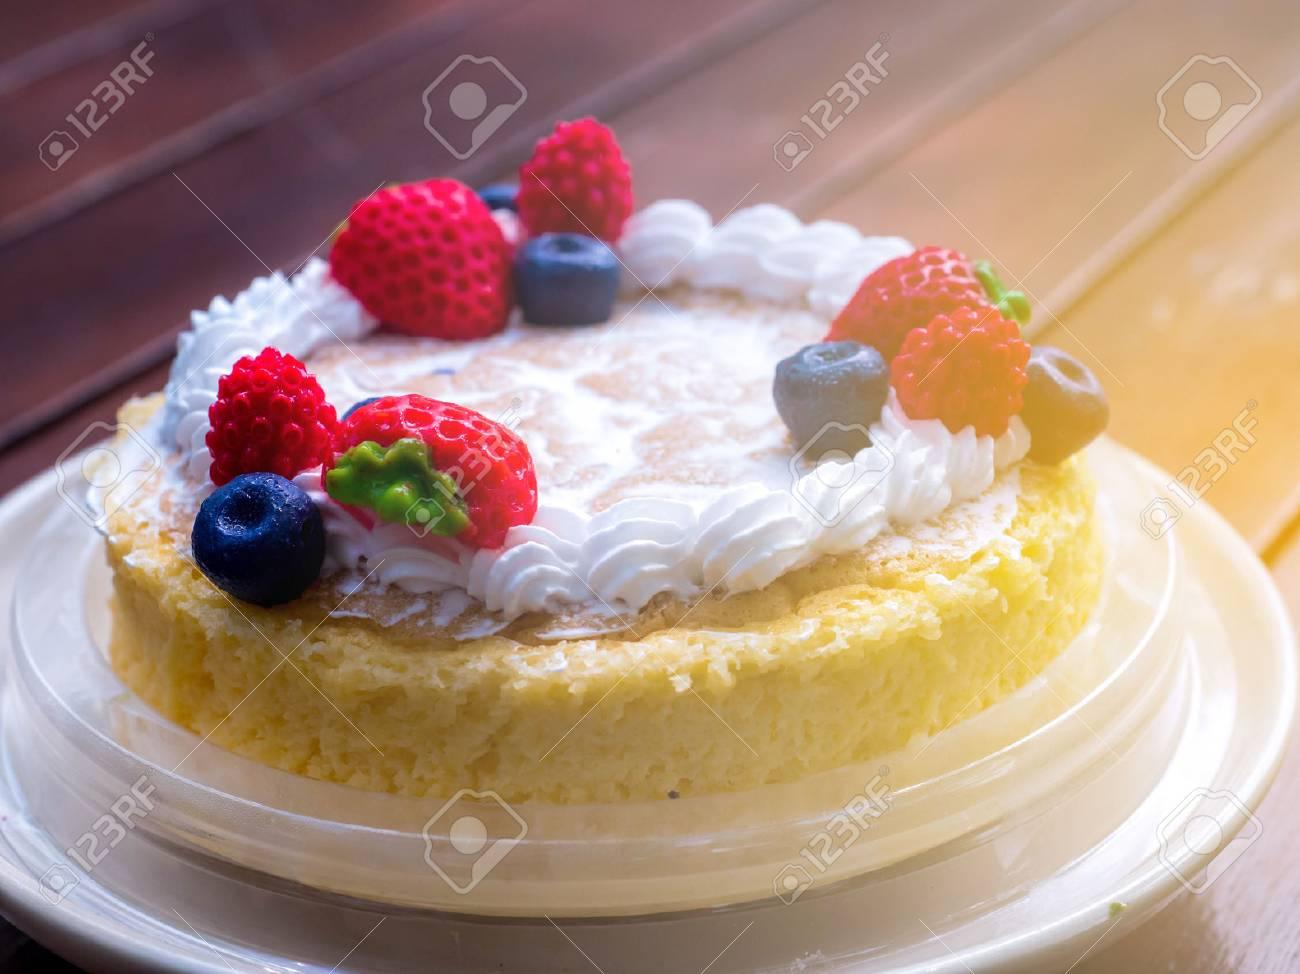 Fermer Gâteau Crémeux Au Fromage Mascarpone Avec Fraises Et Baies D